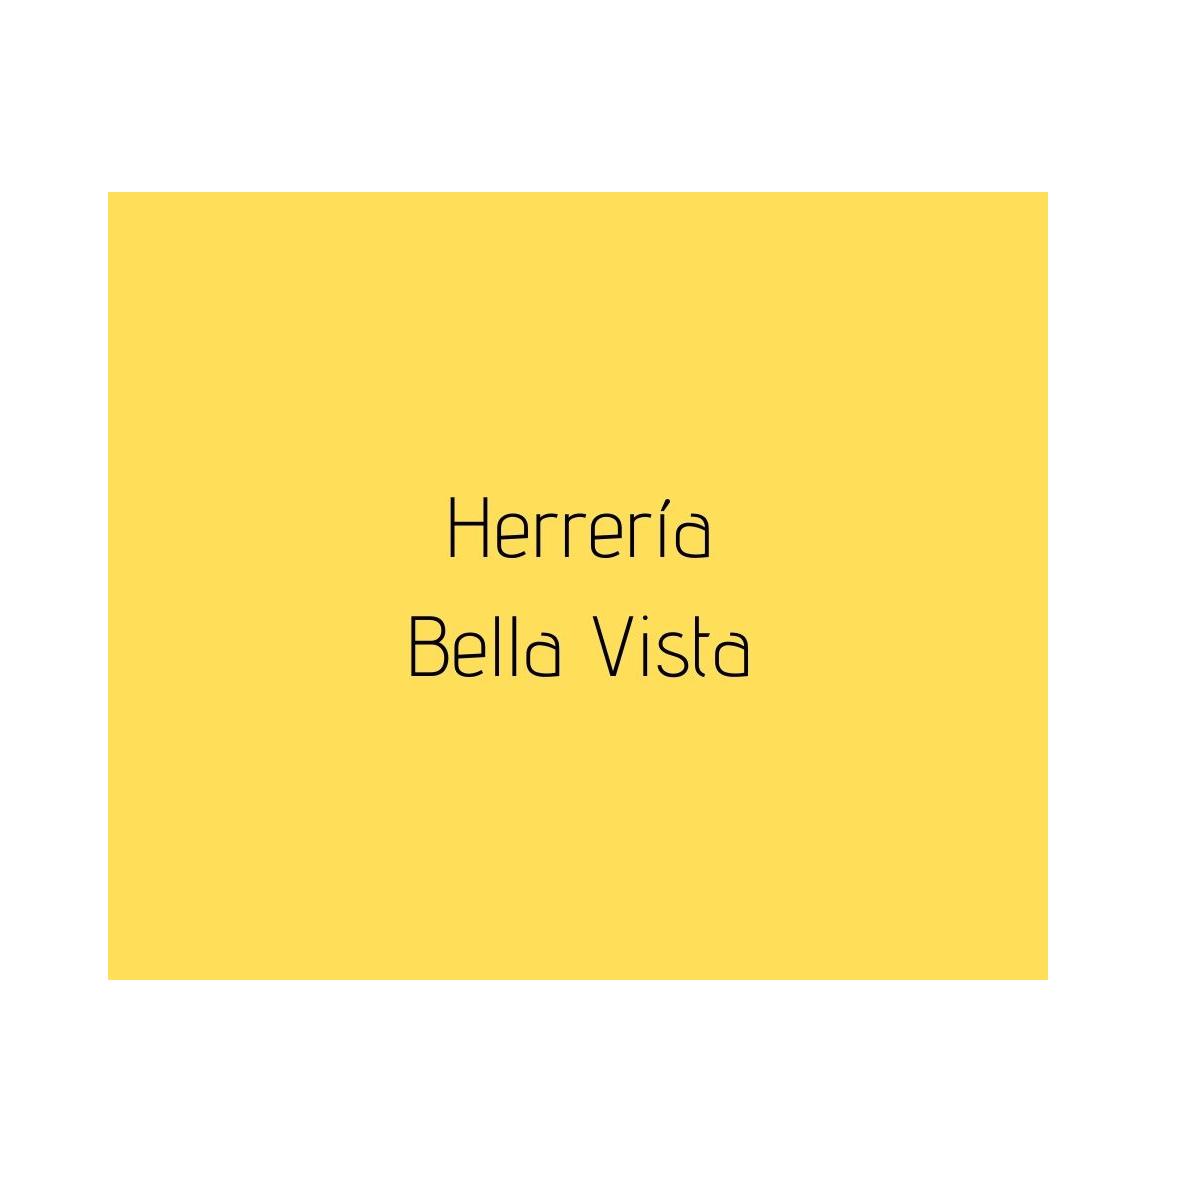 HERRERÍA BELLA VISTA